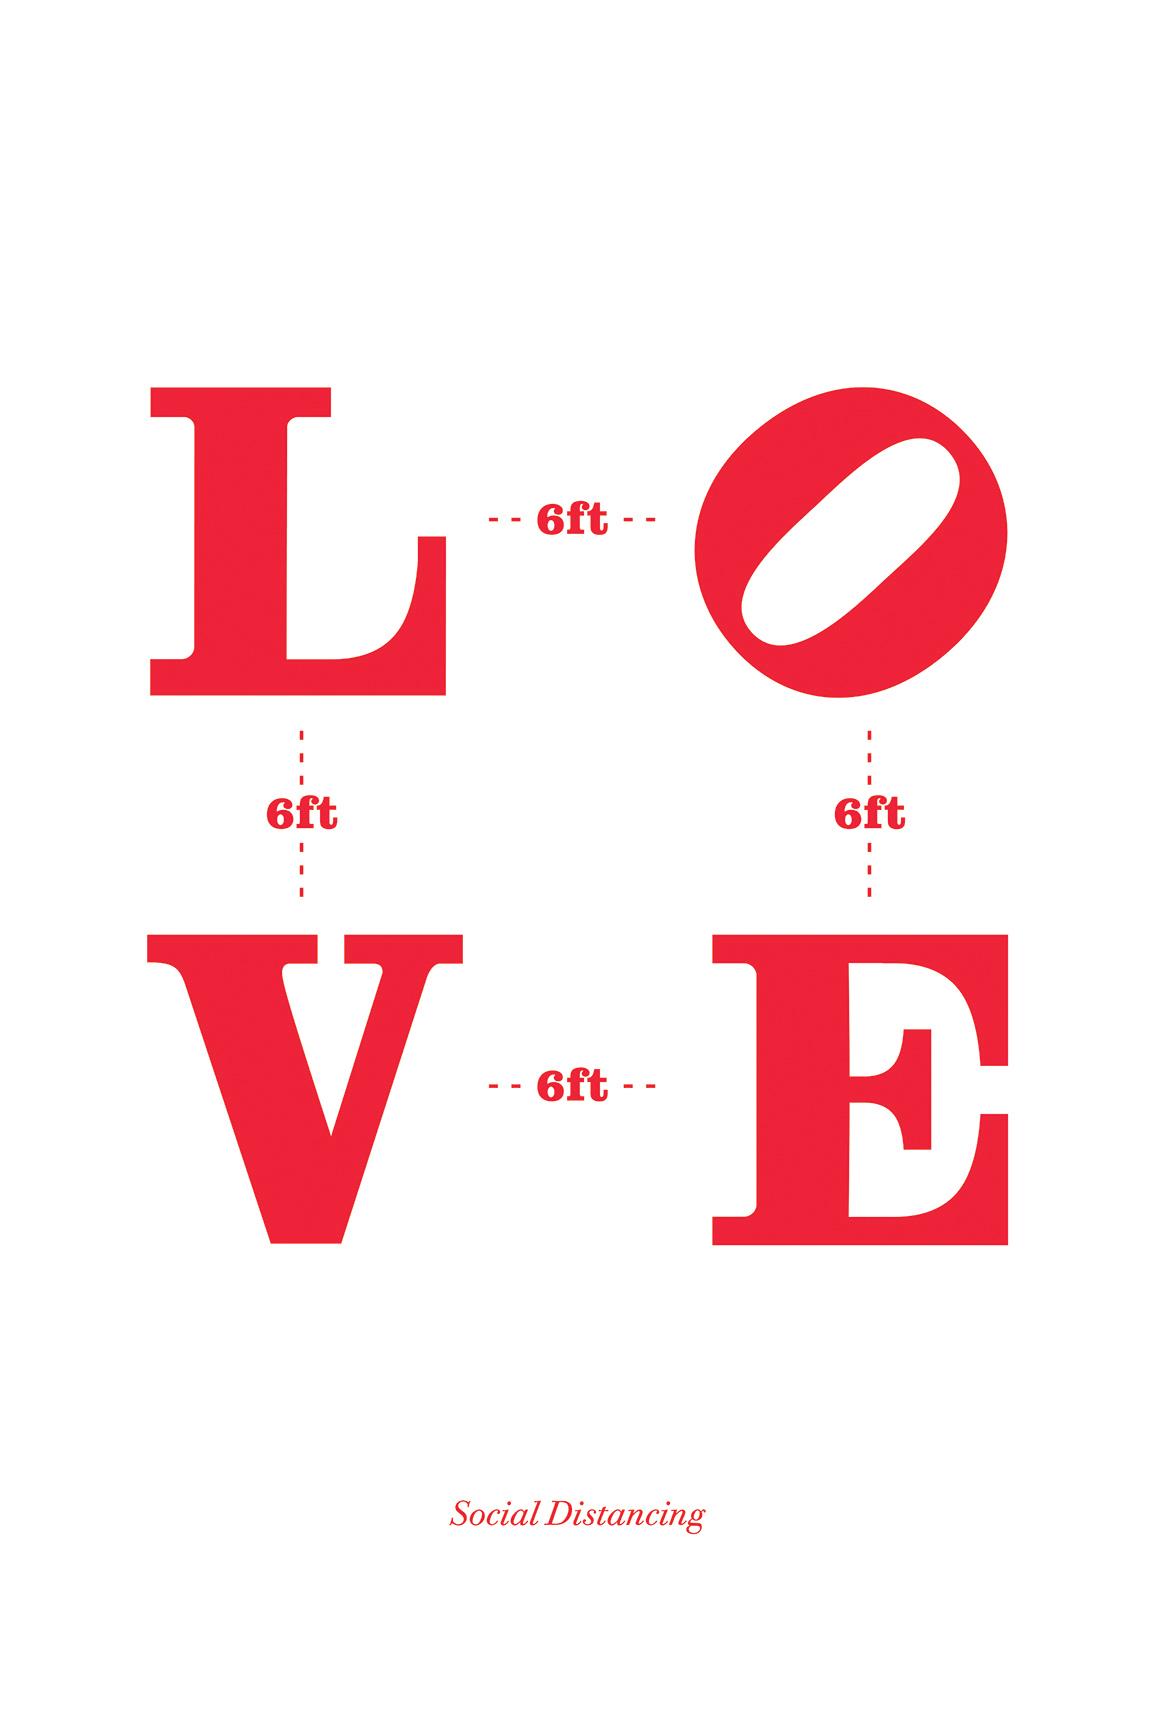 Love at 6ft